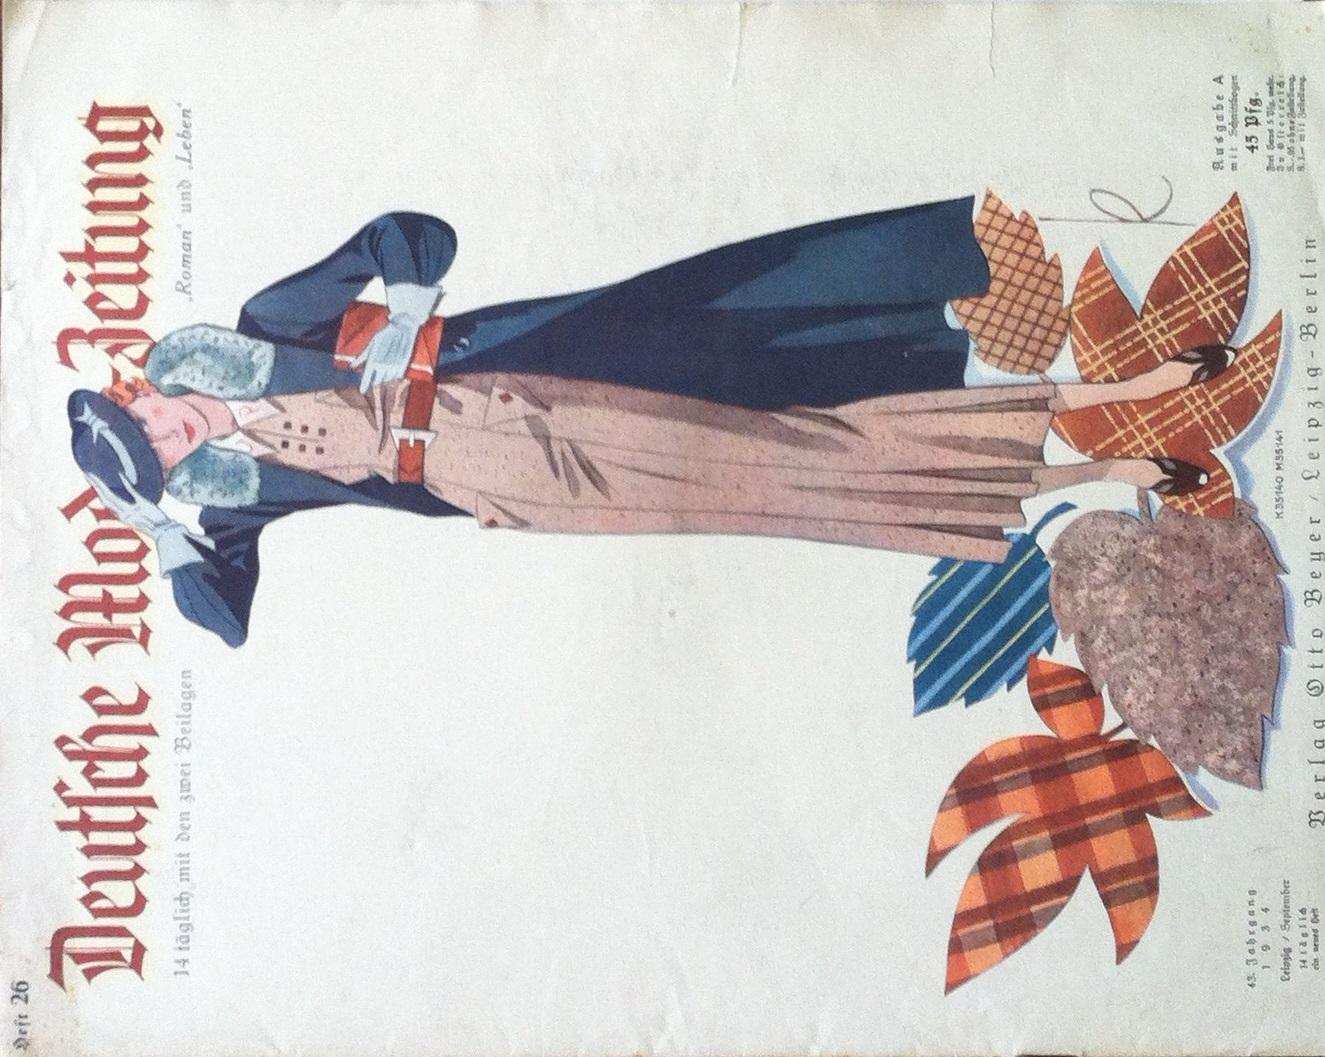 Deutsche Moden-Zeitung No. 26 Vol. 43 1934